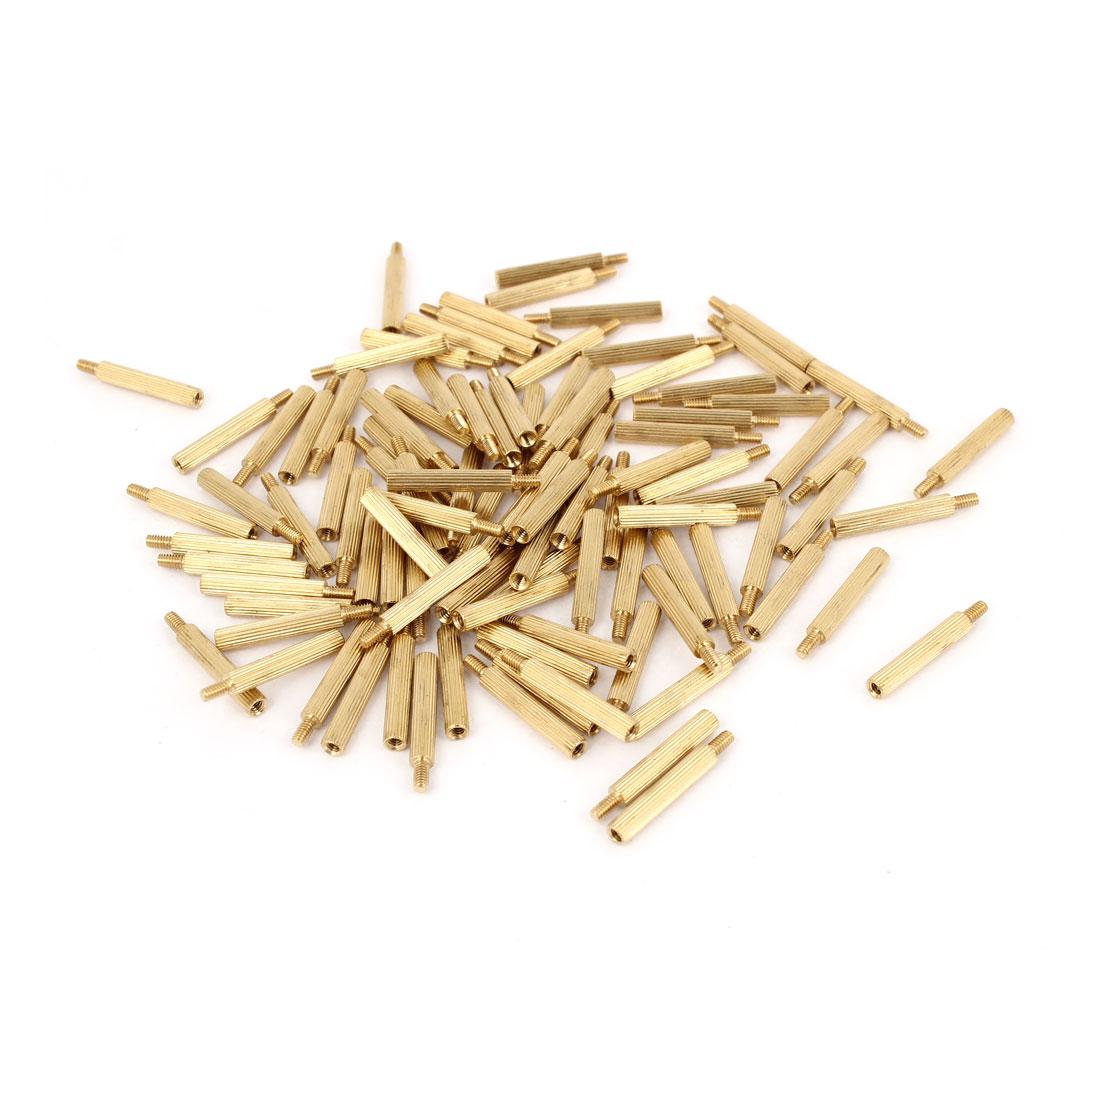 100Pcs Male to Female Thread PCB Board Brass Pillars Standoff M2x17mm